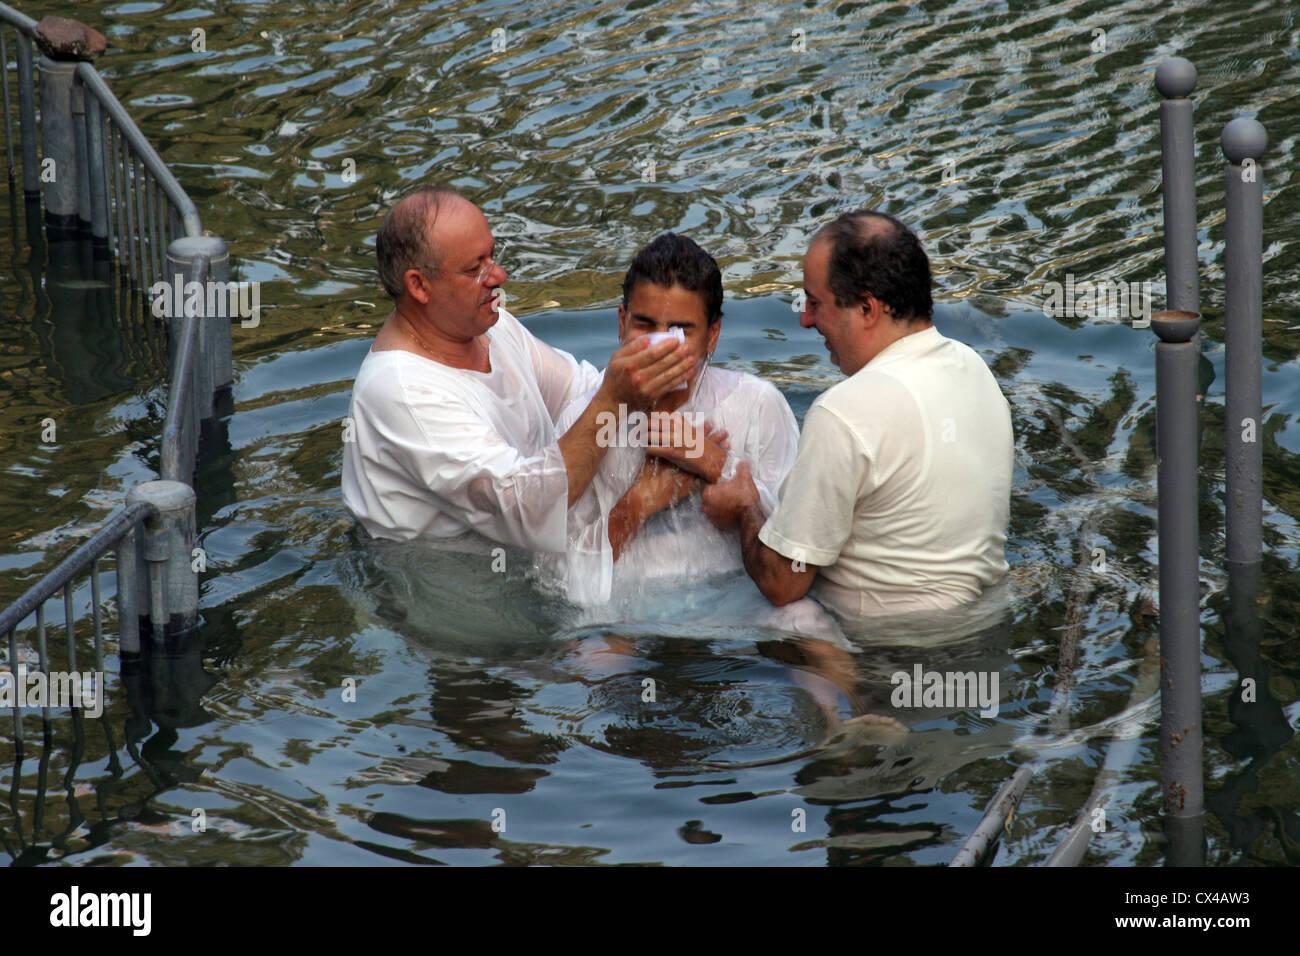 Image result for baptisma